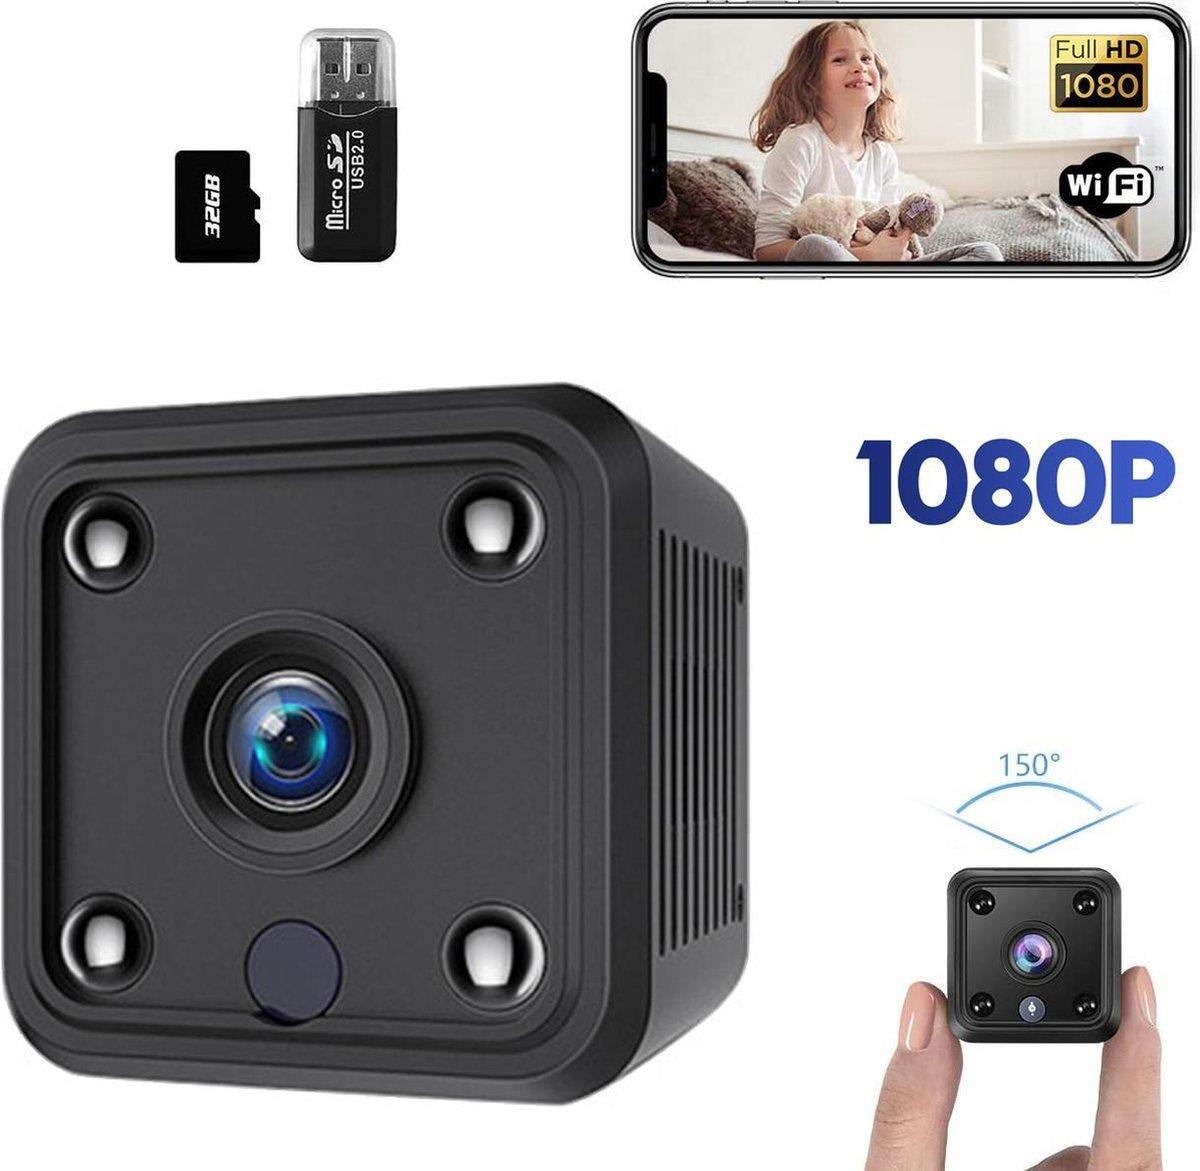 Spy Camera 1080P Full HD met WIFI en Nightvision incl. 32GB SD kaart - Beveiligingscamera voor binne